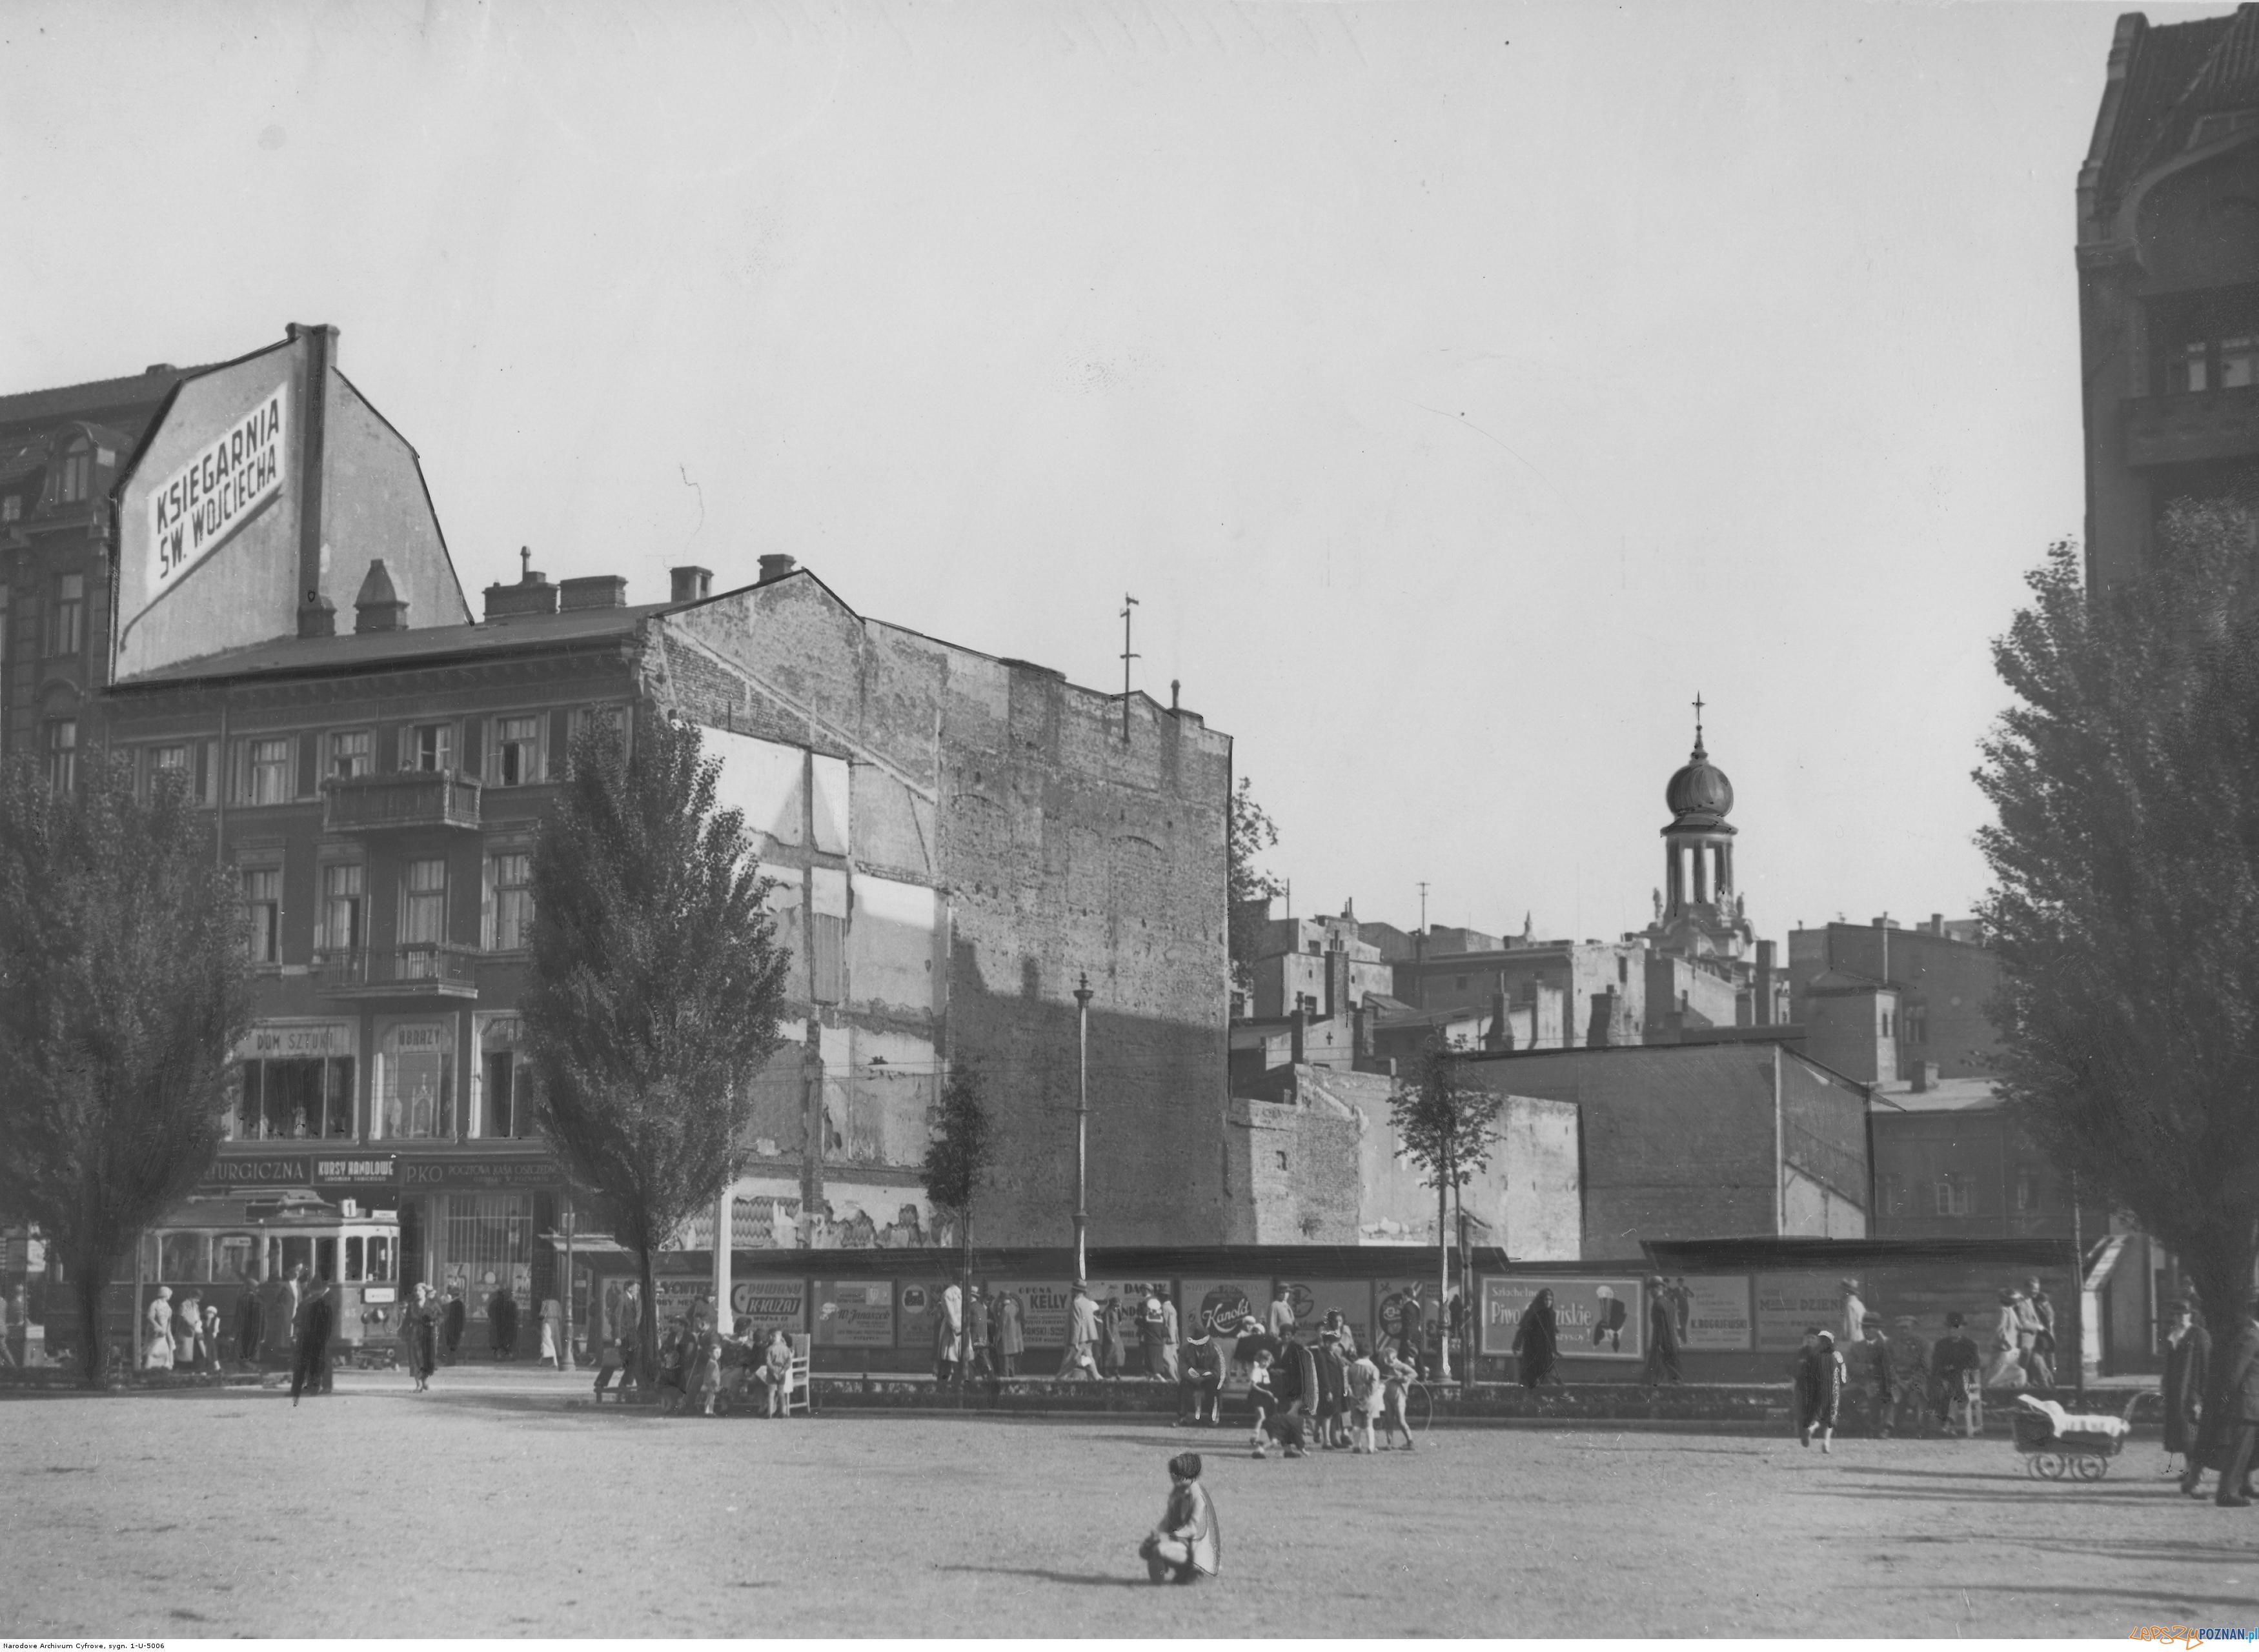 Plac Wolnosci 1935  Foto: IKC/ Narodowe Archiwu Cyfrowe / domena publiczna